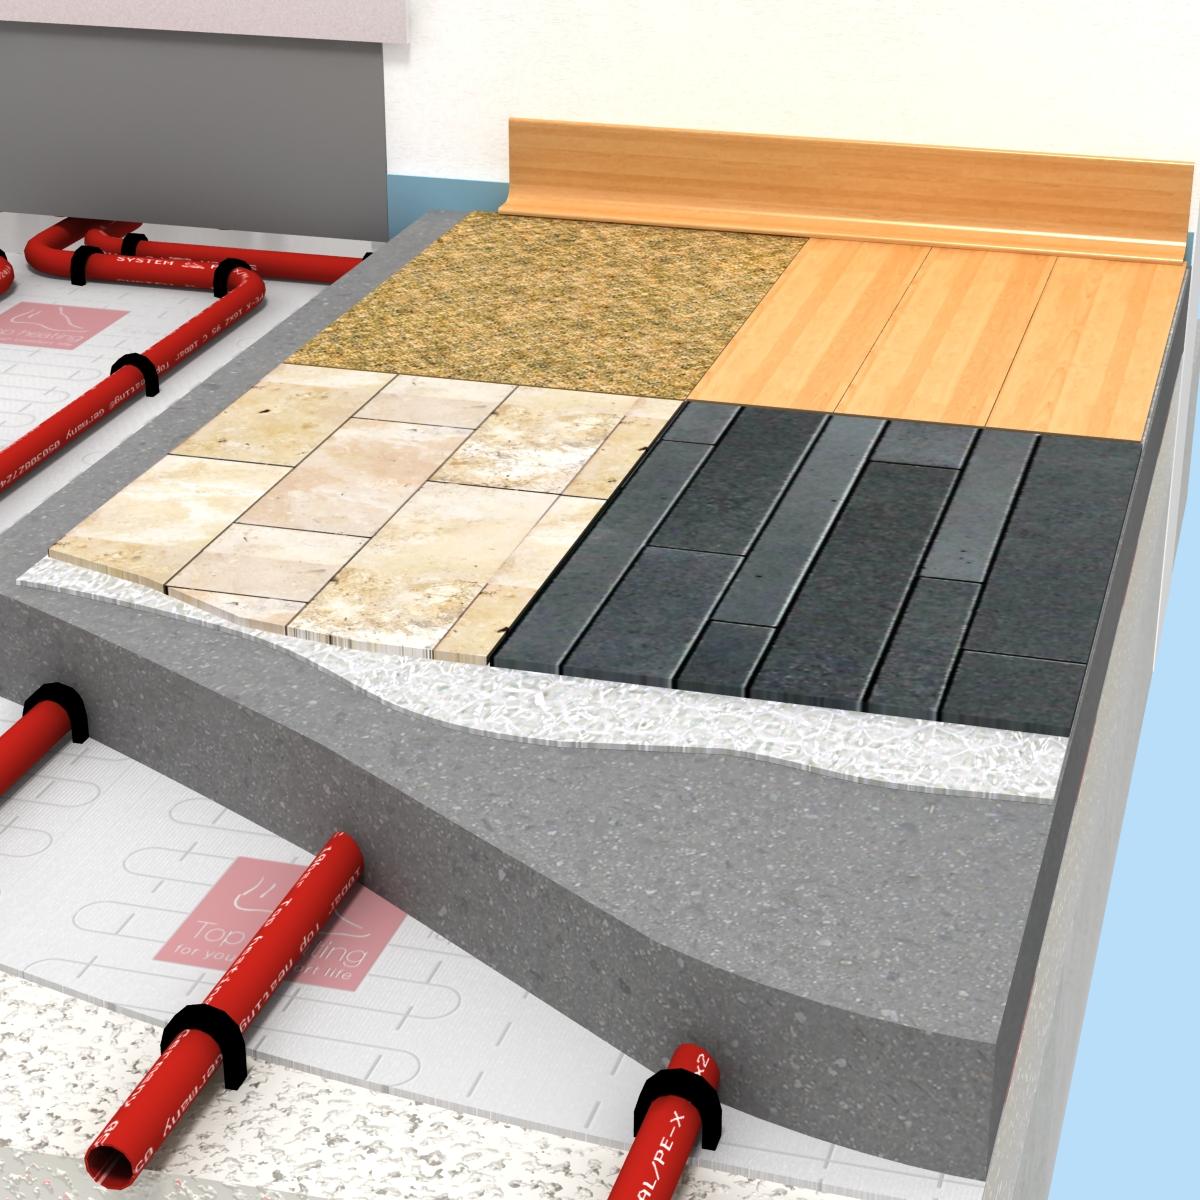 podlahove-kurenie-skladba-podlahy